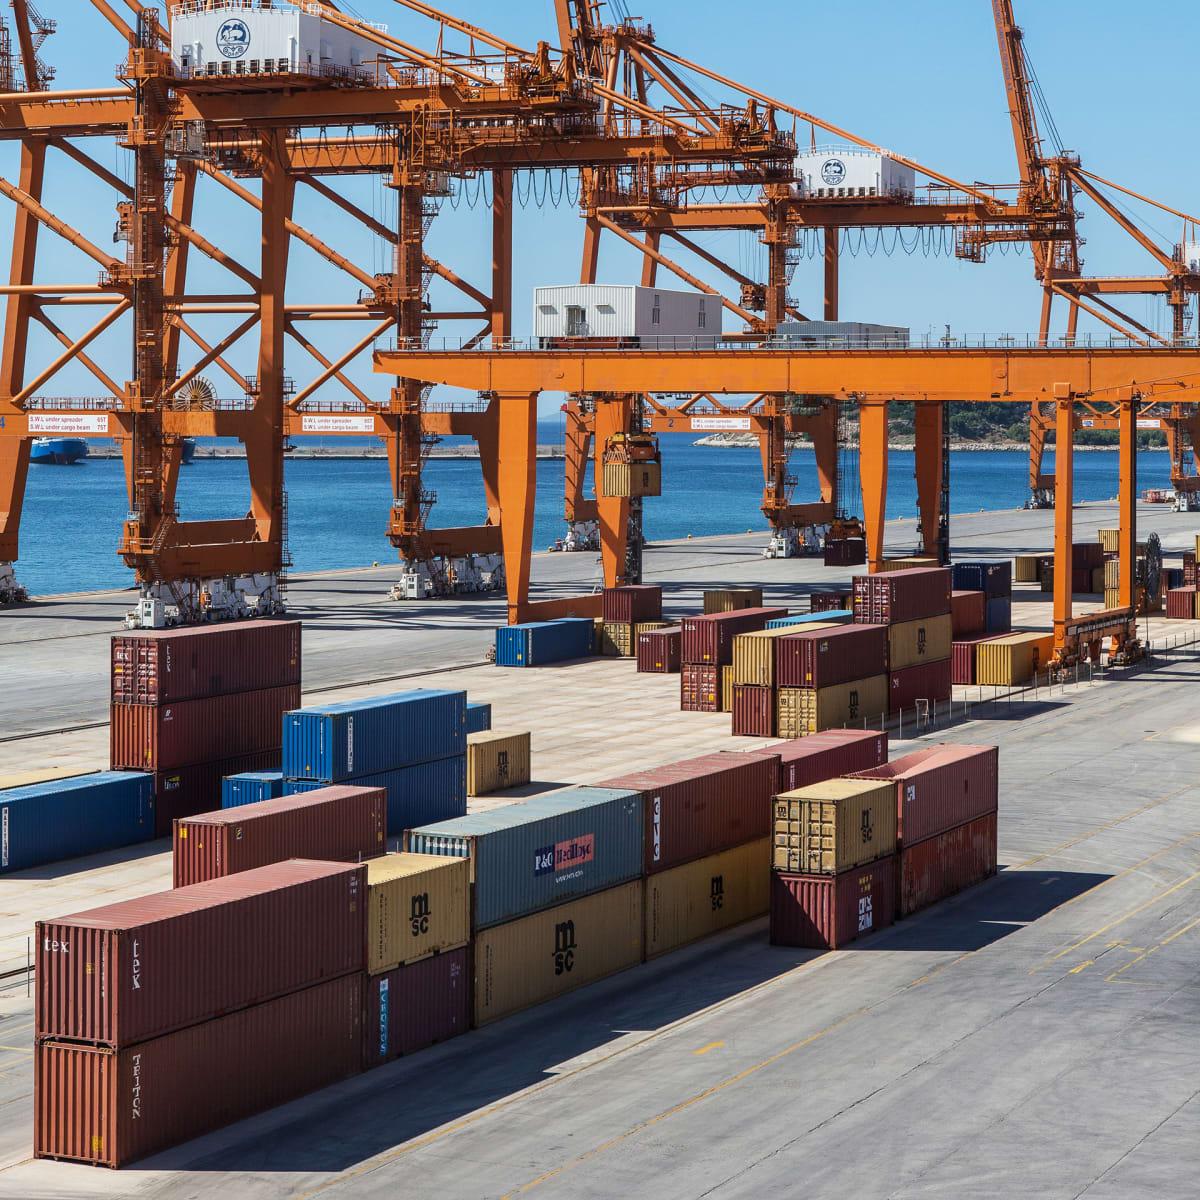 Pireuksen satama on Kiinan yksi tärkeimmistä porteista Eurooppaan.